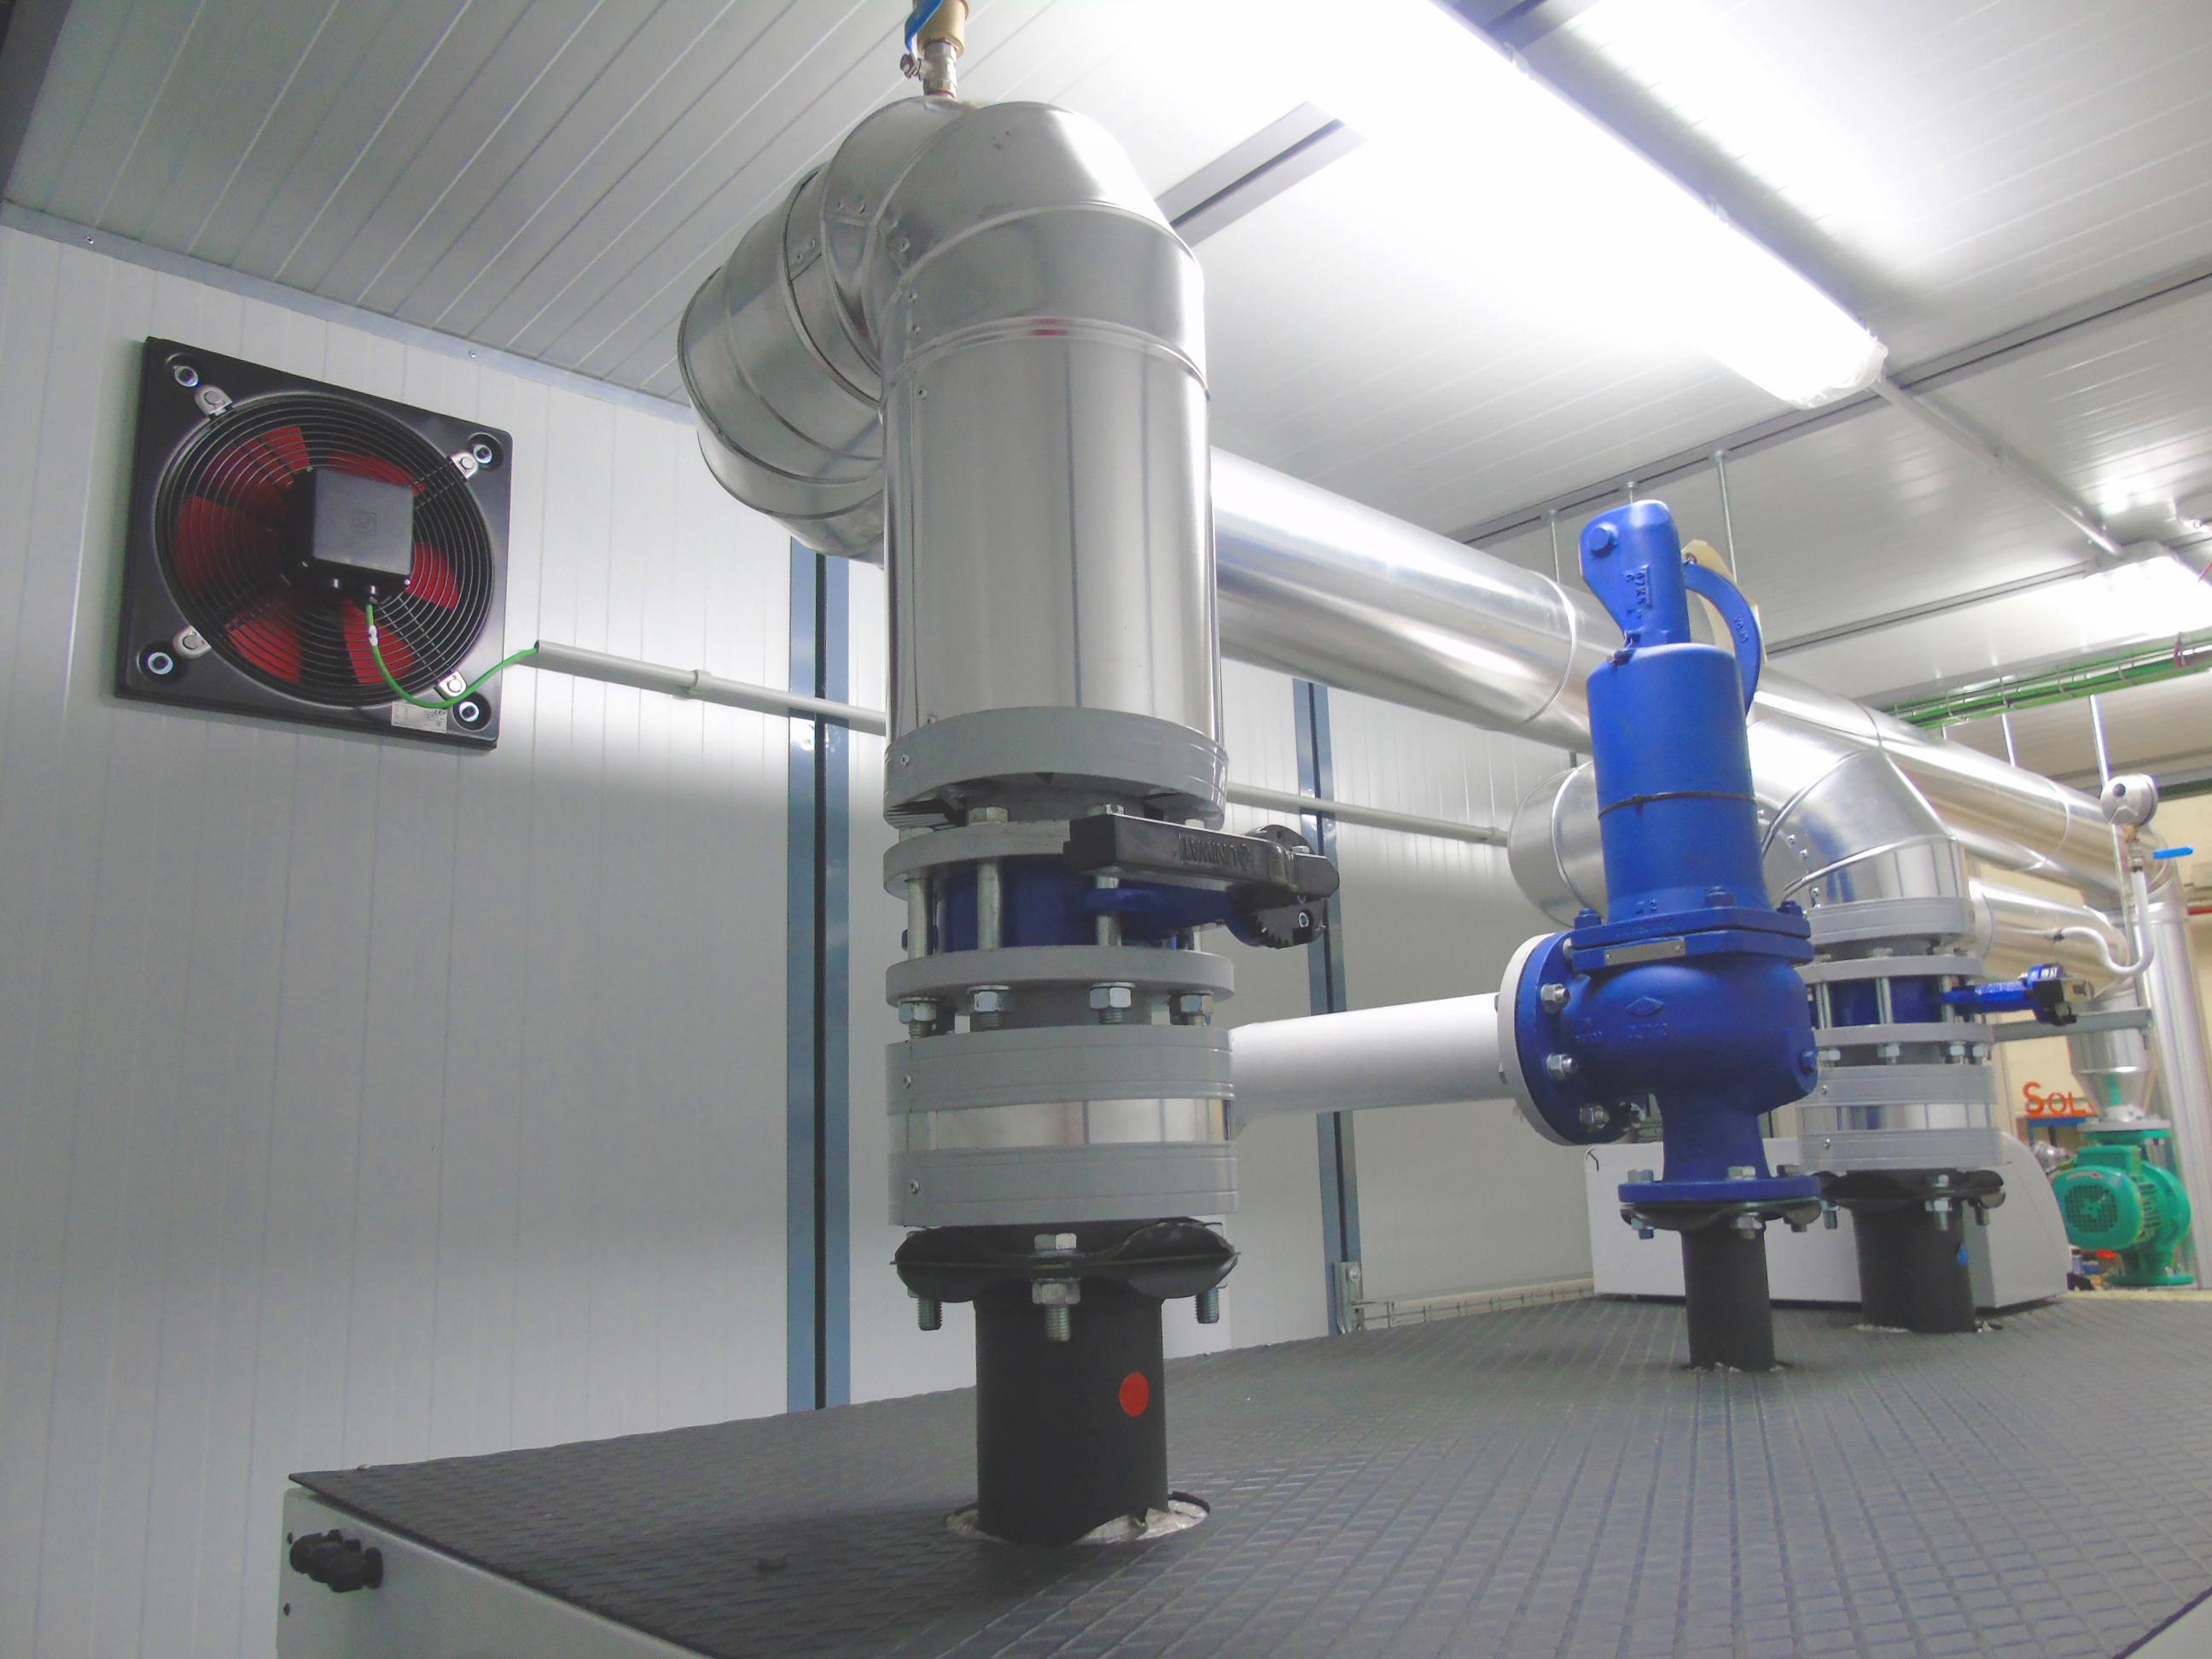 07Contenedor de Calefacción-Planta de Biogás de 1MW en Stracathro Reino Unido-Contenedor de calefaccion-Stracathro-QILA